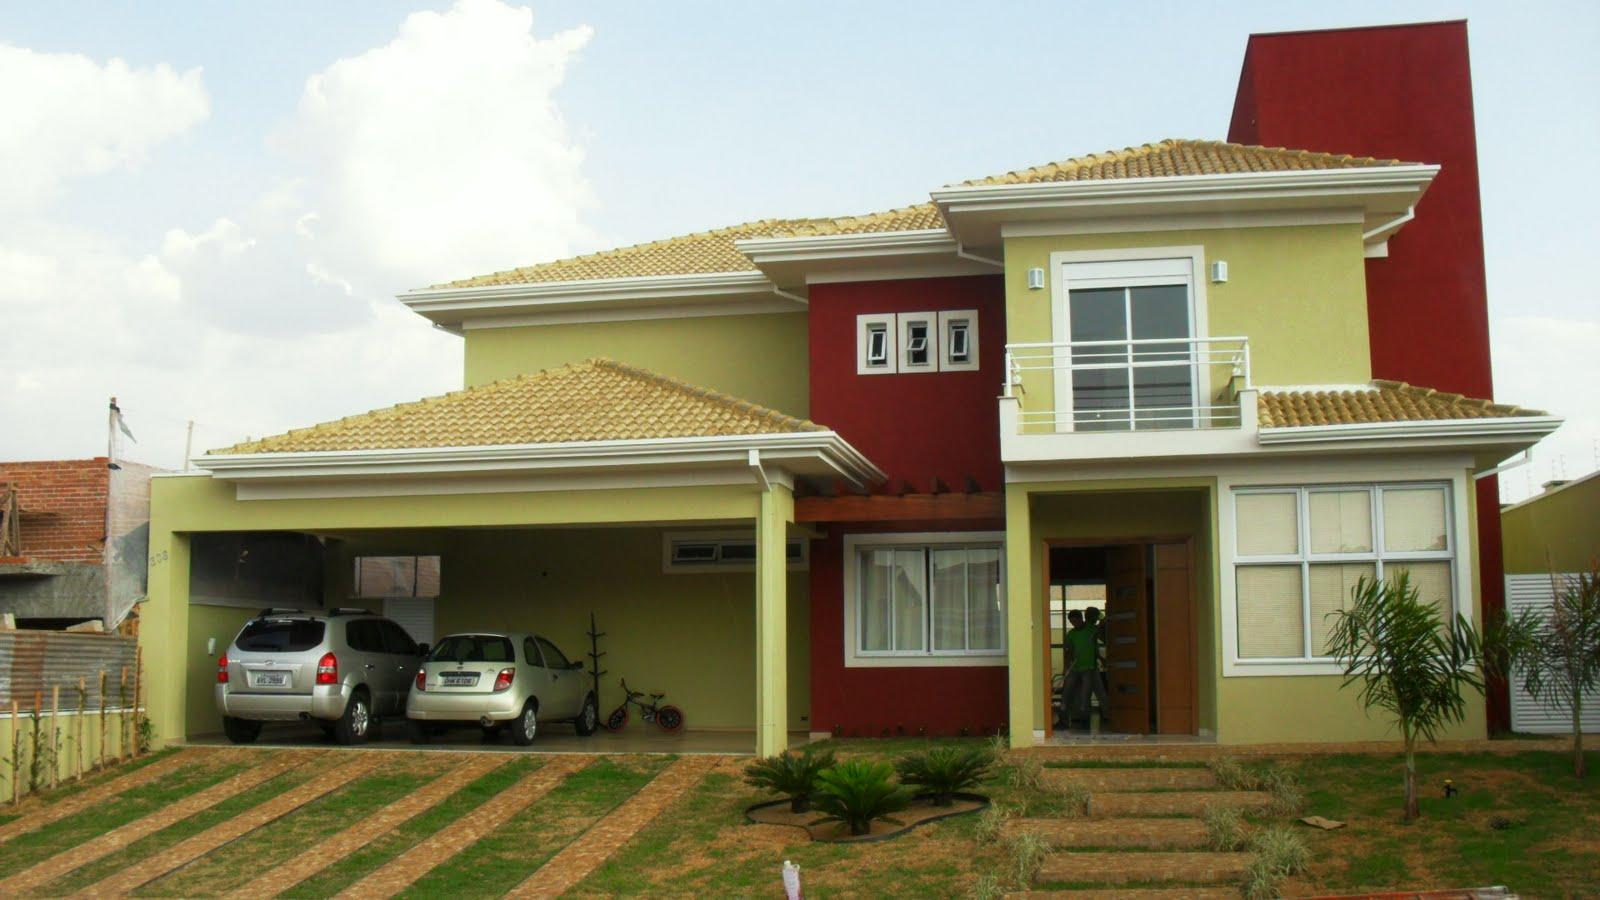 Casas pintadas por fuera related keywords suggestions - Fotos de casas de lujo por dentro y por fuera ...